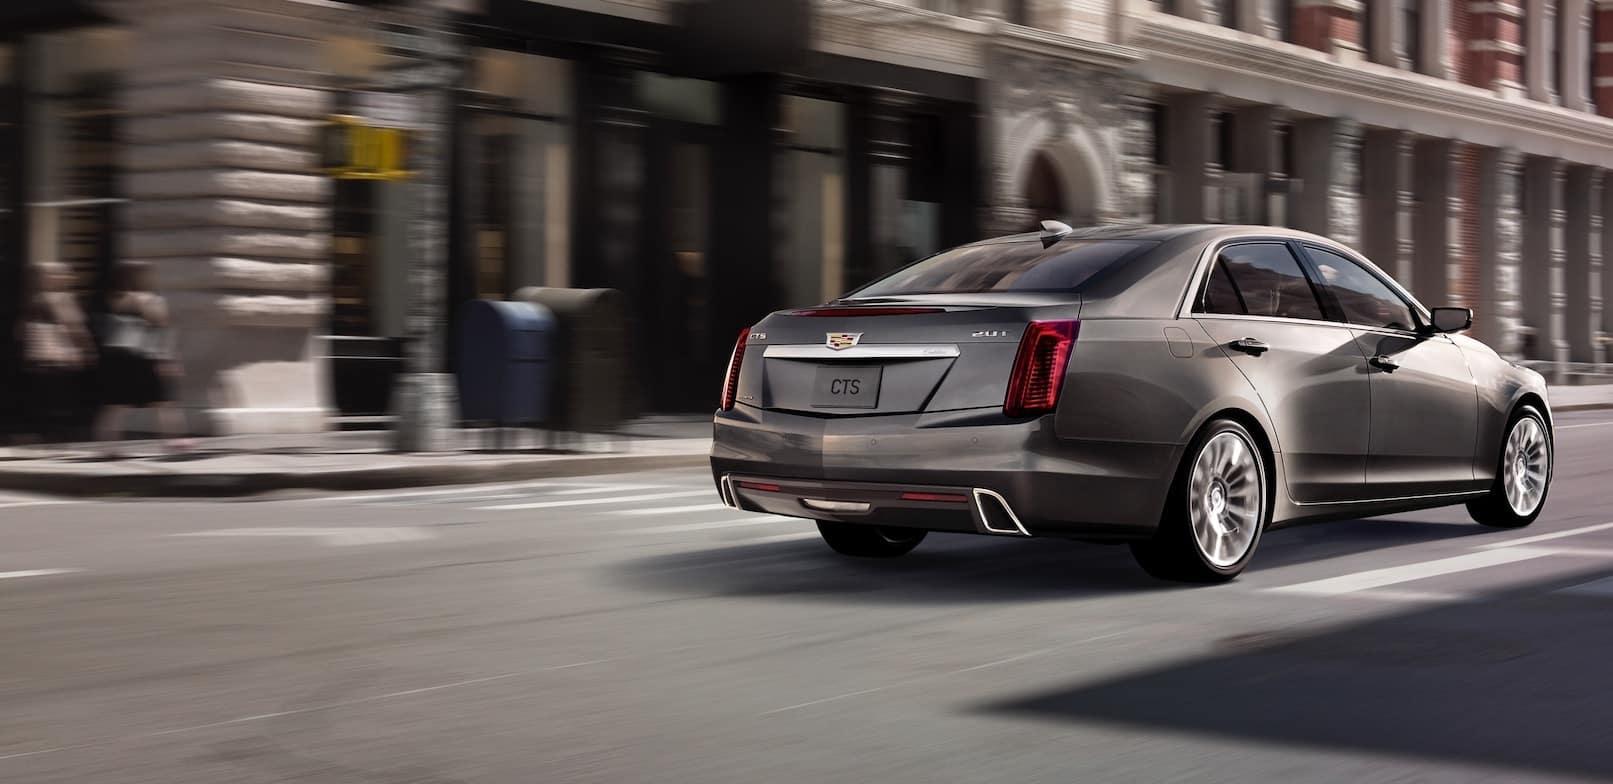 Cadillac CTS Dealership